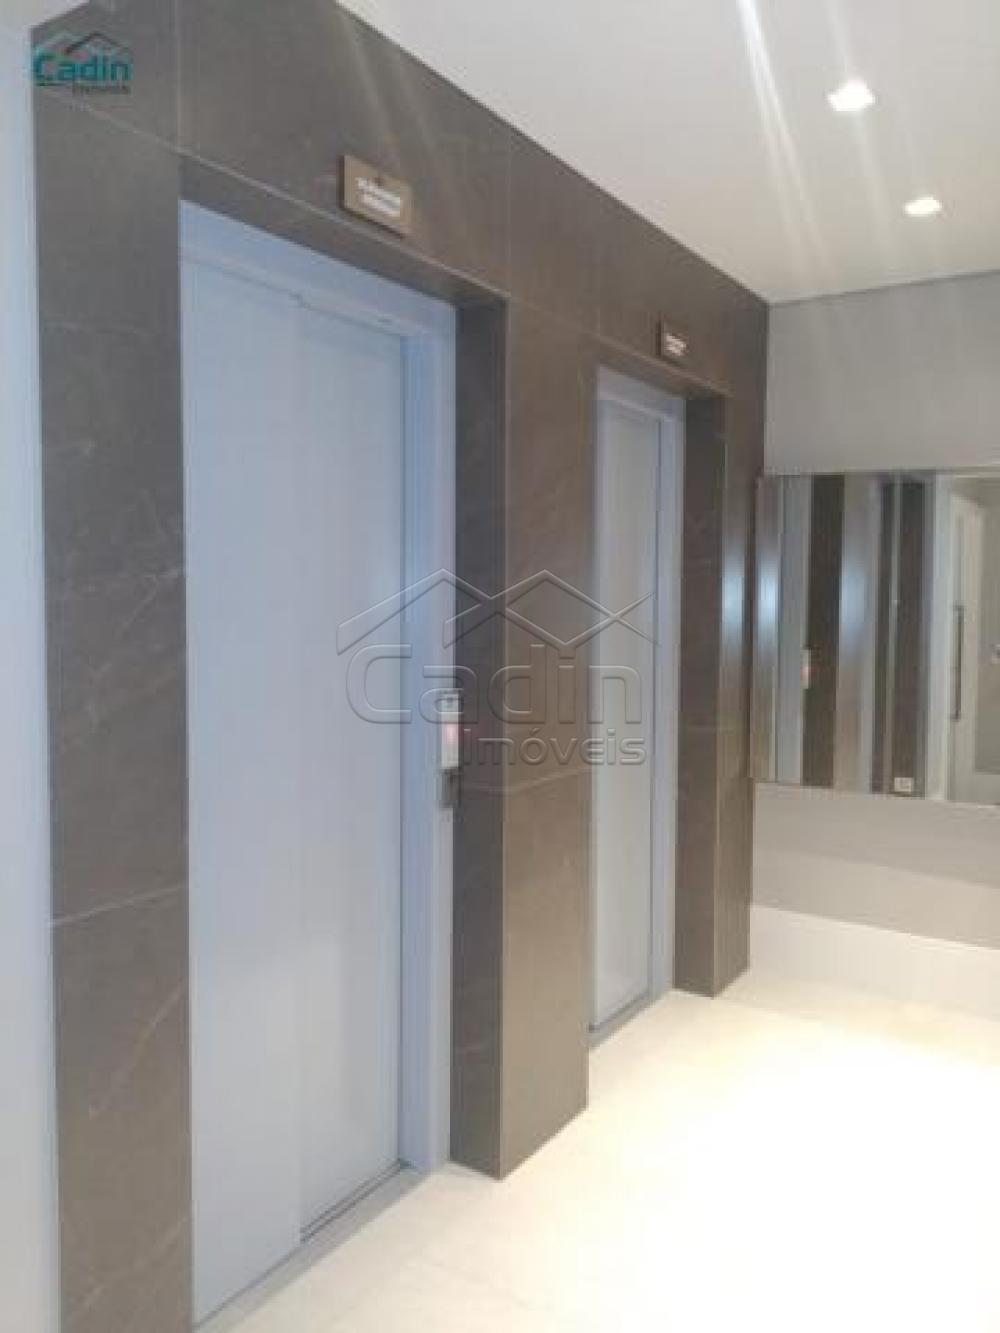 Comprar Apartamento / Padrão em Navegantes R$ 860.799,35 - Foto 23